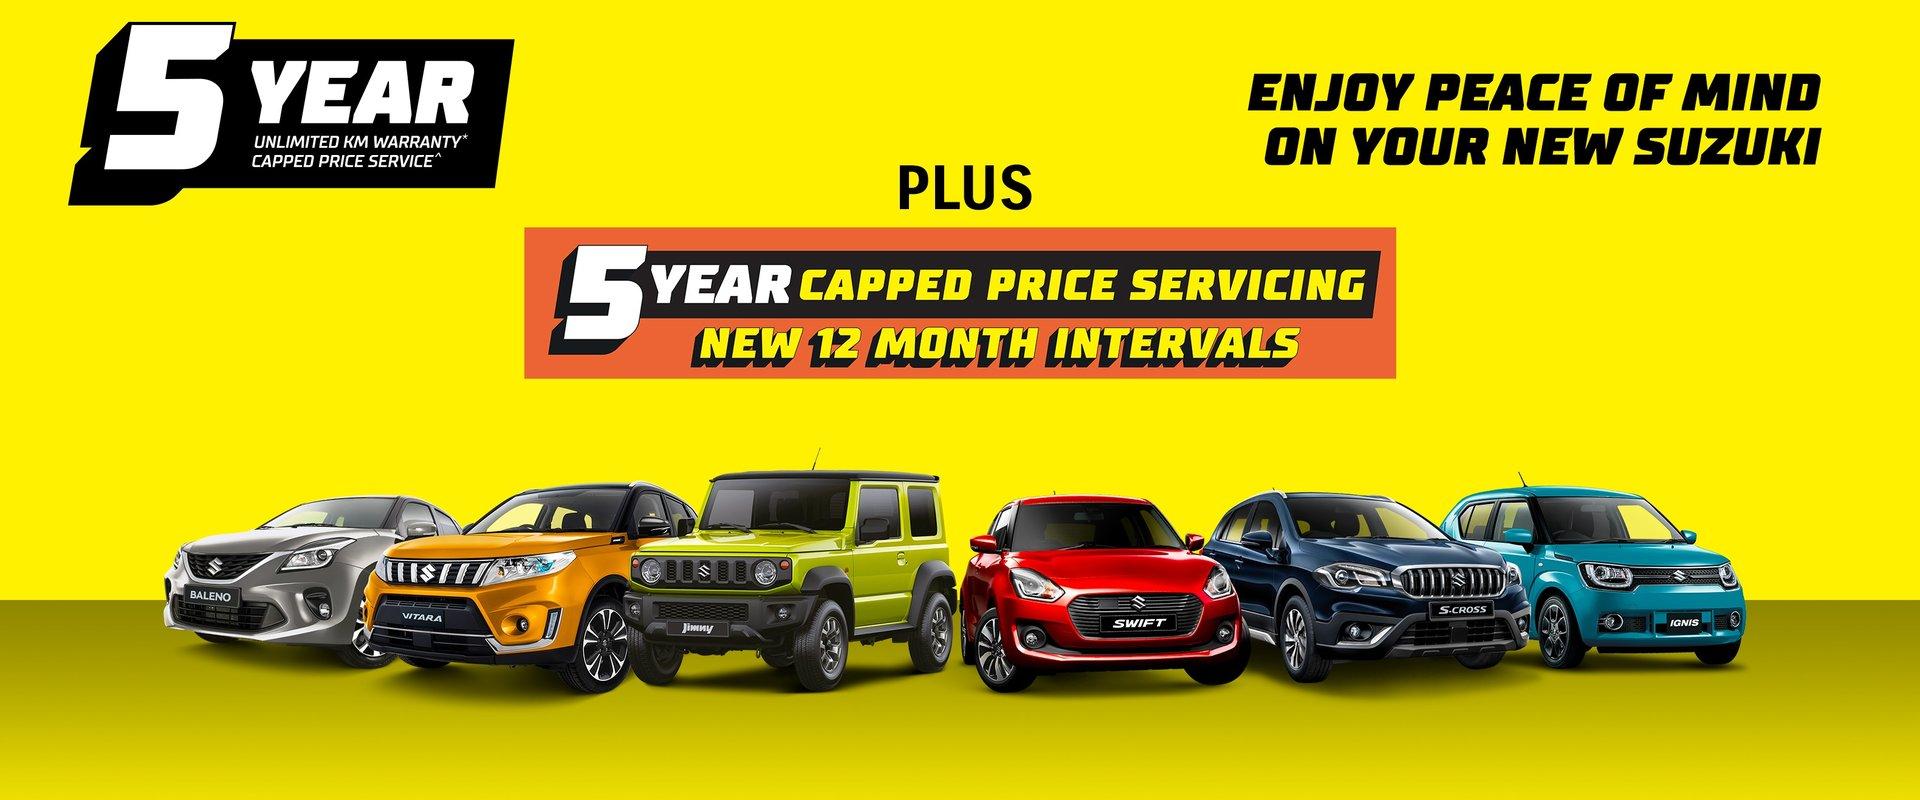 5 Years Unlimited KM Warranty